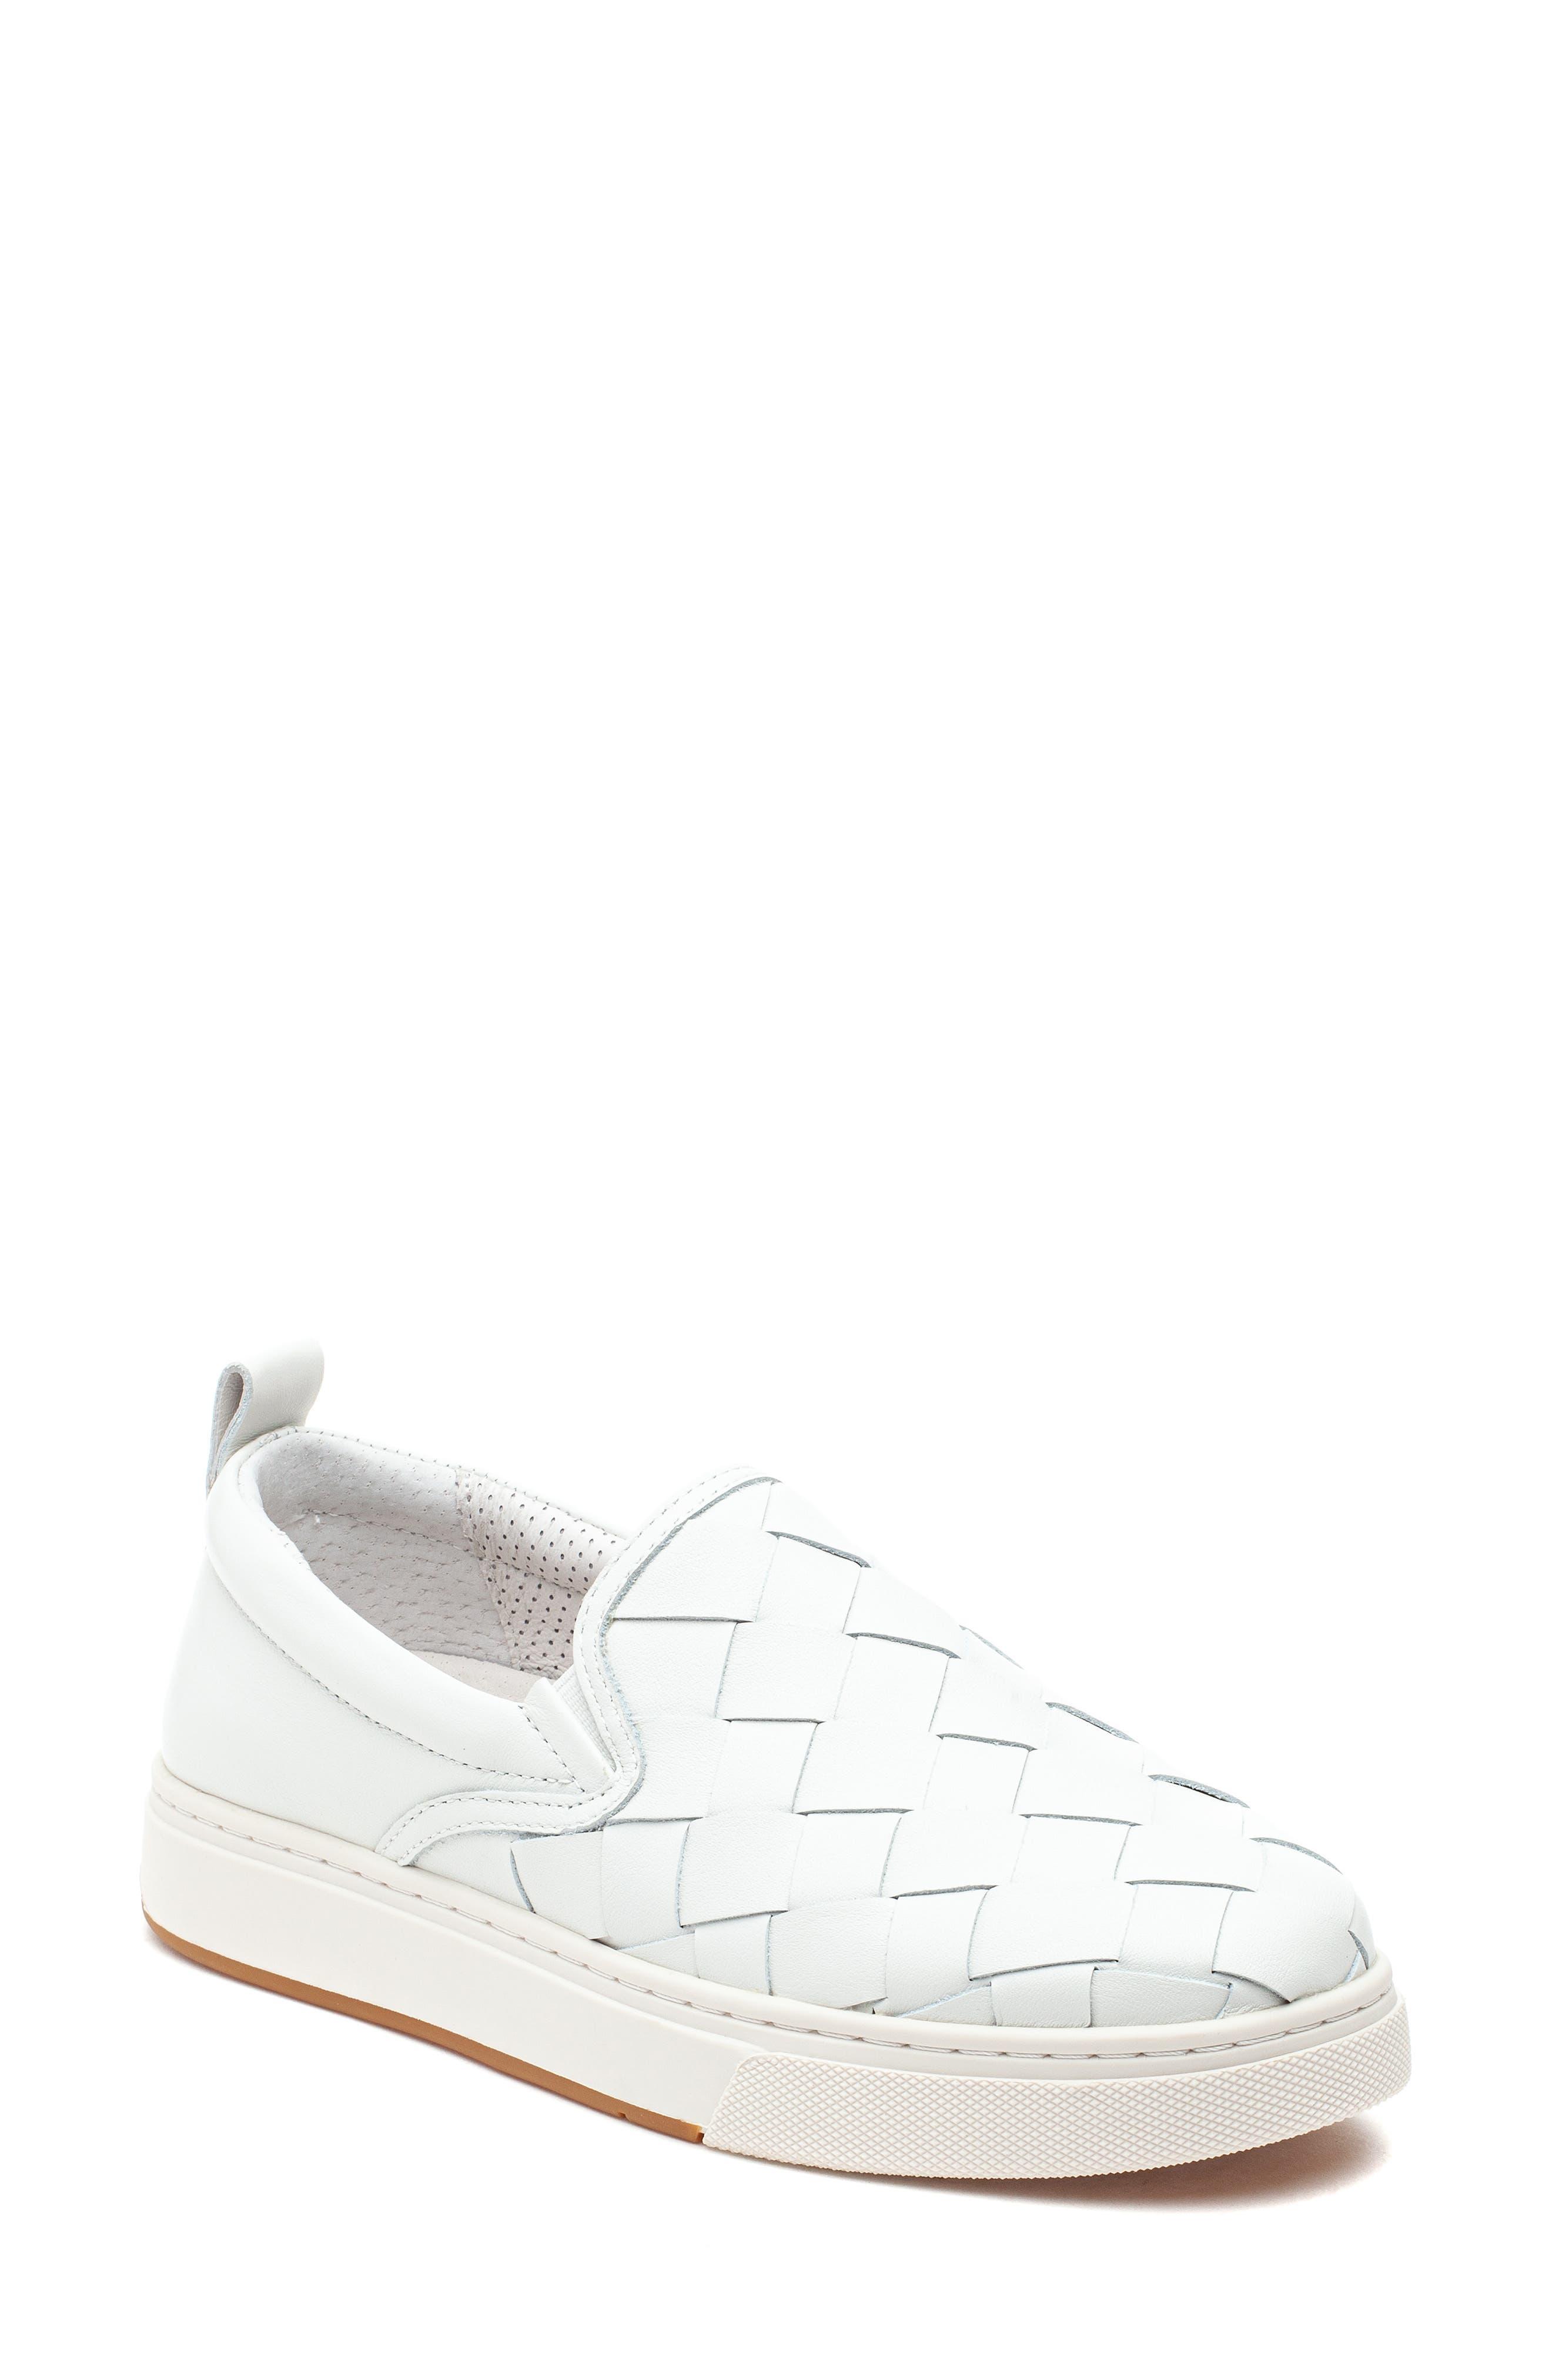 Junior Woven Slip-On Sneaker